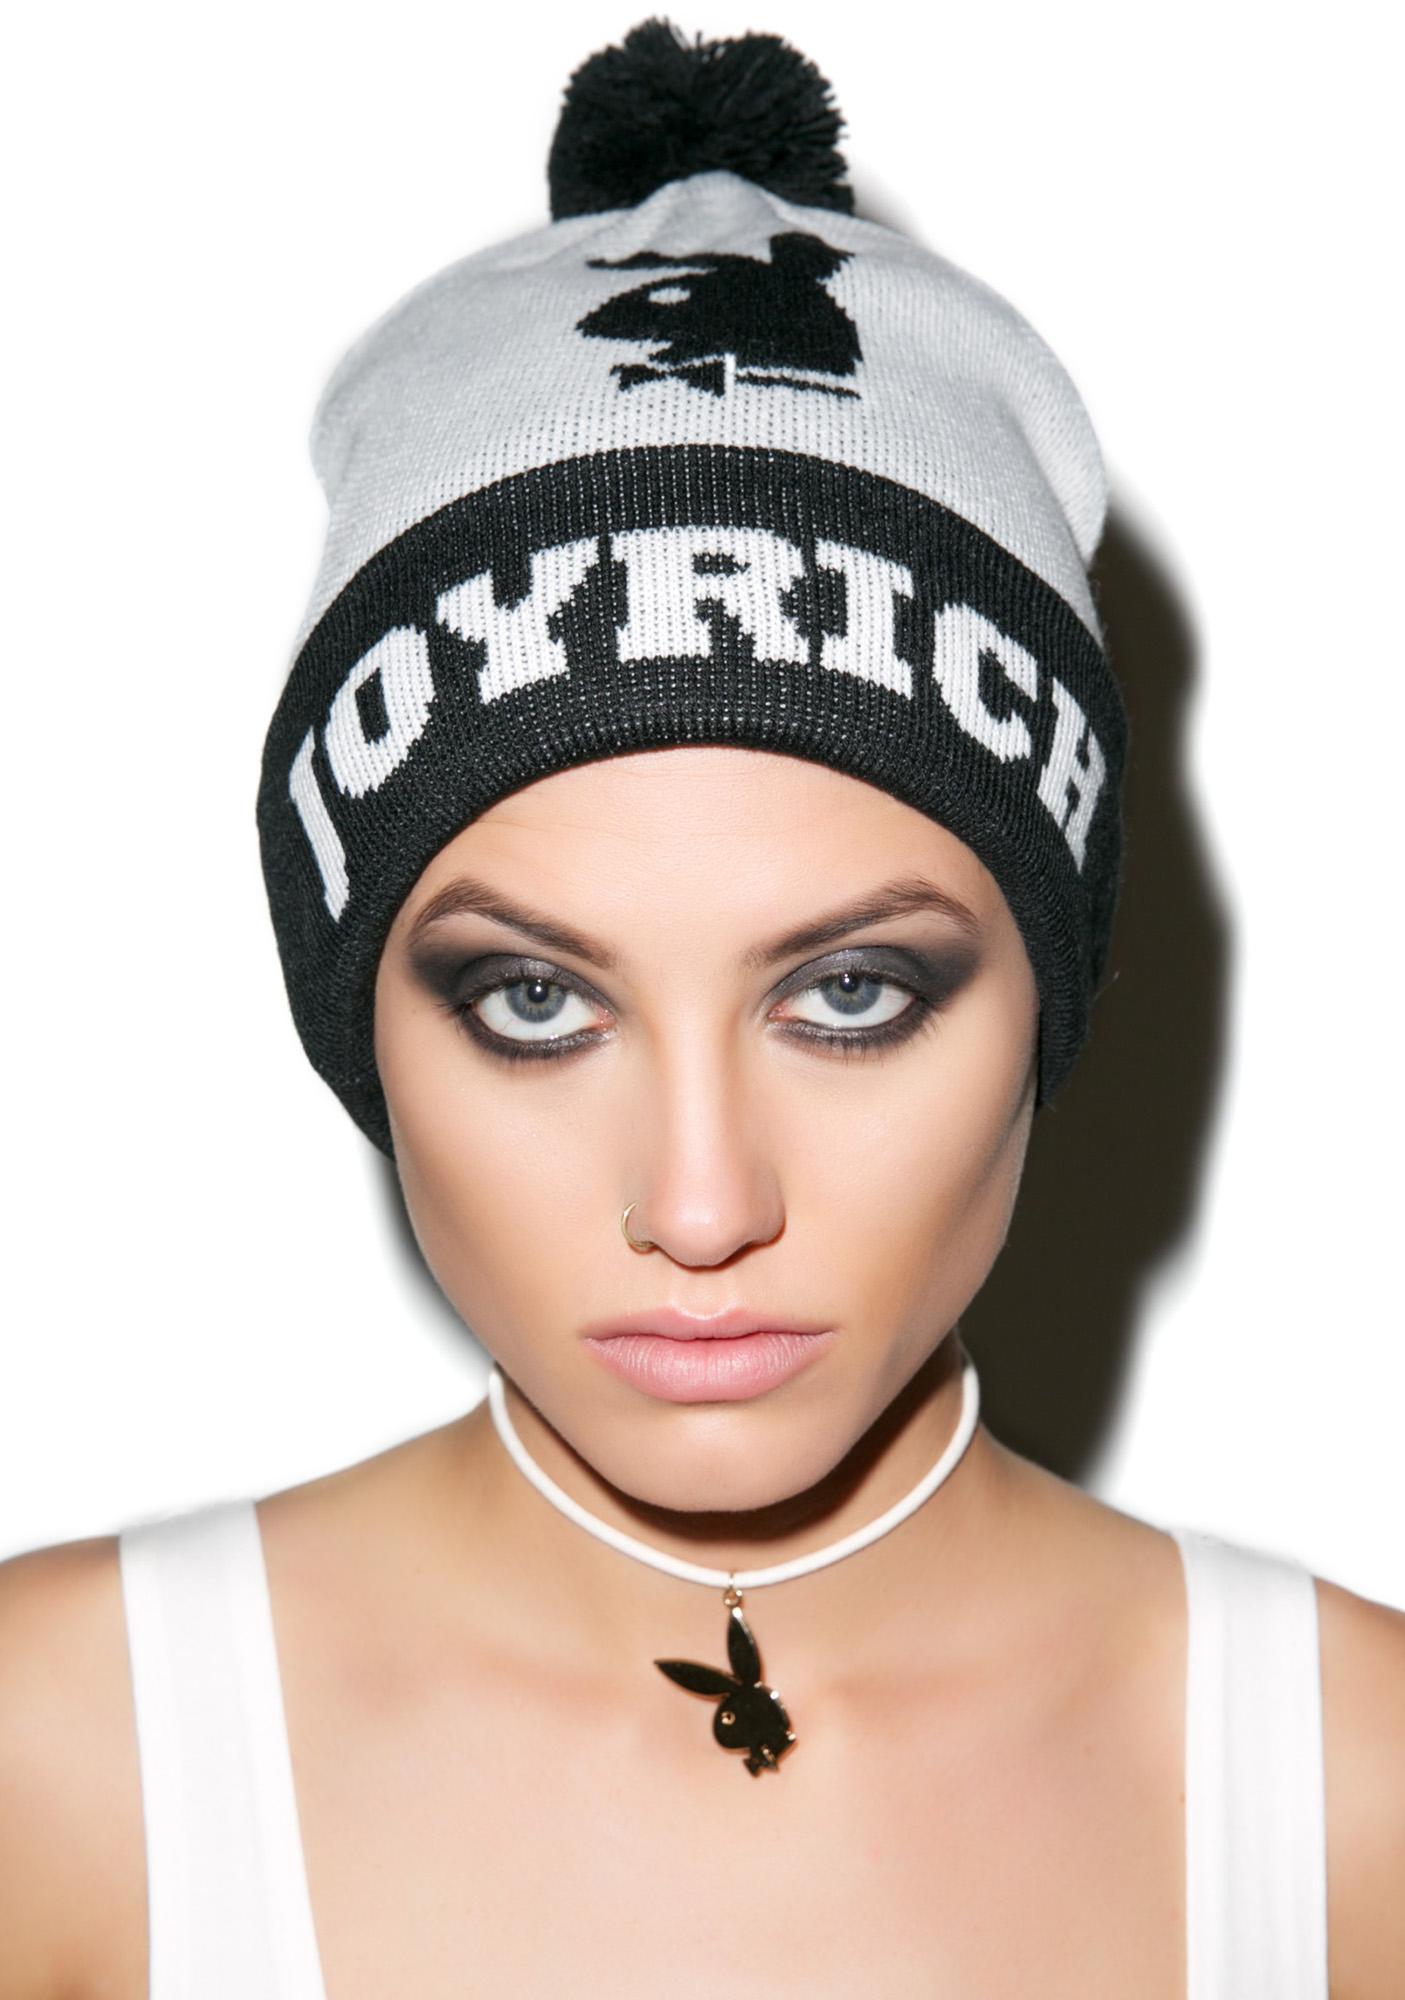 Joyrich X Playboy Pom Pom Beanie